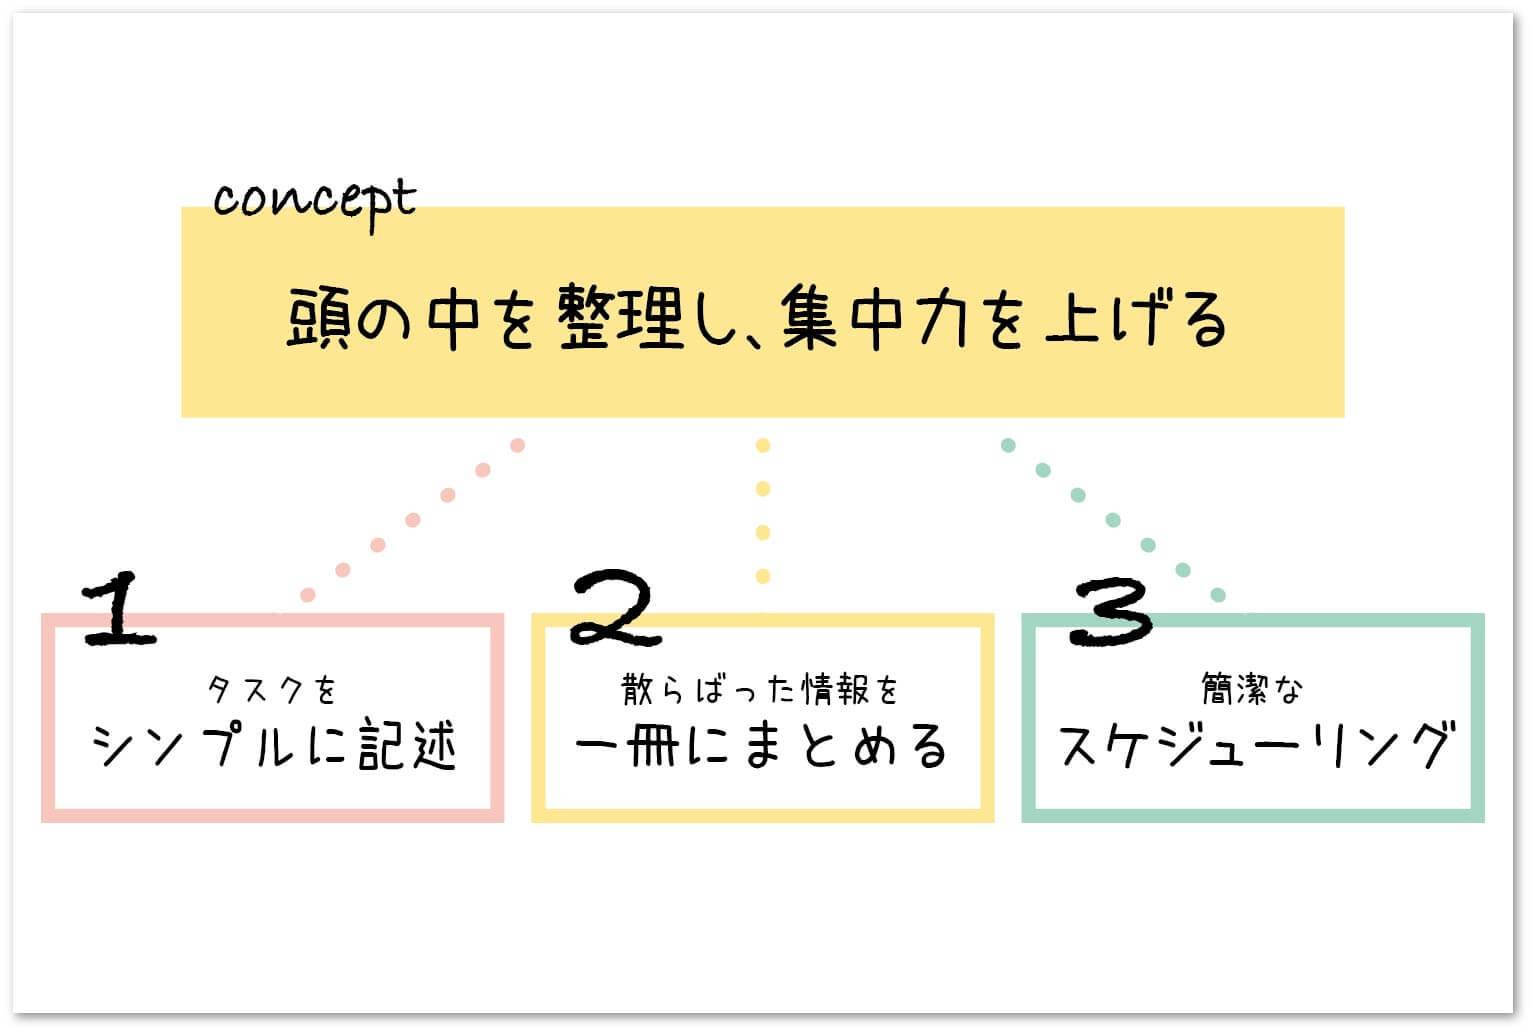 バレットジャーナル図解2-2